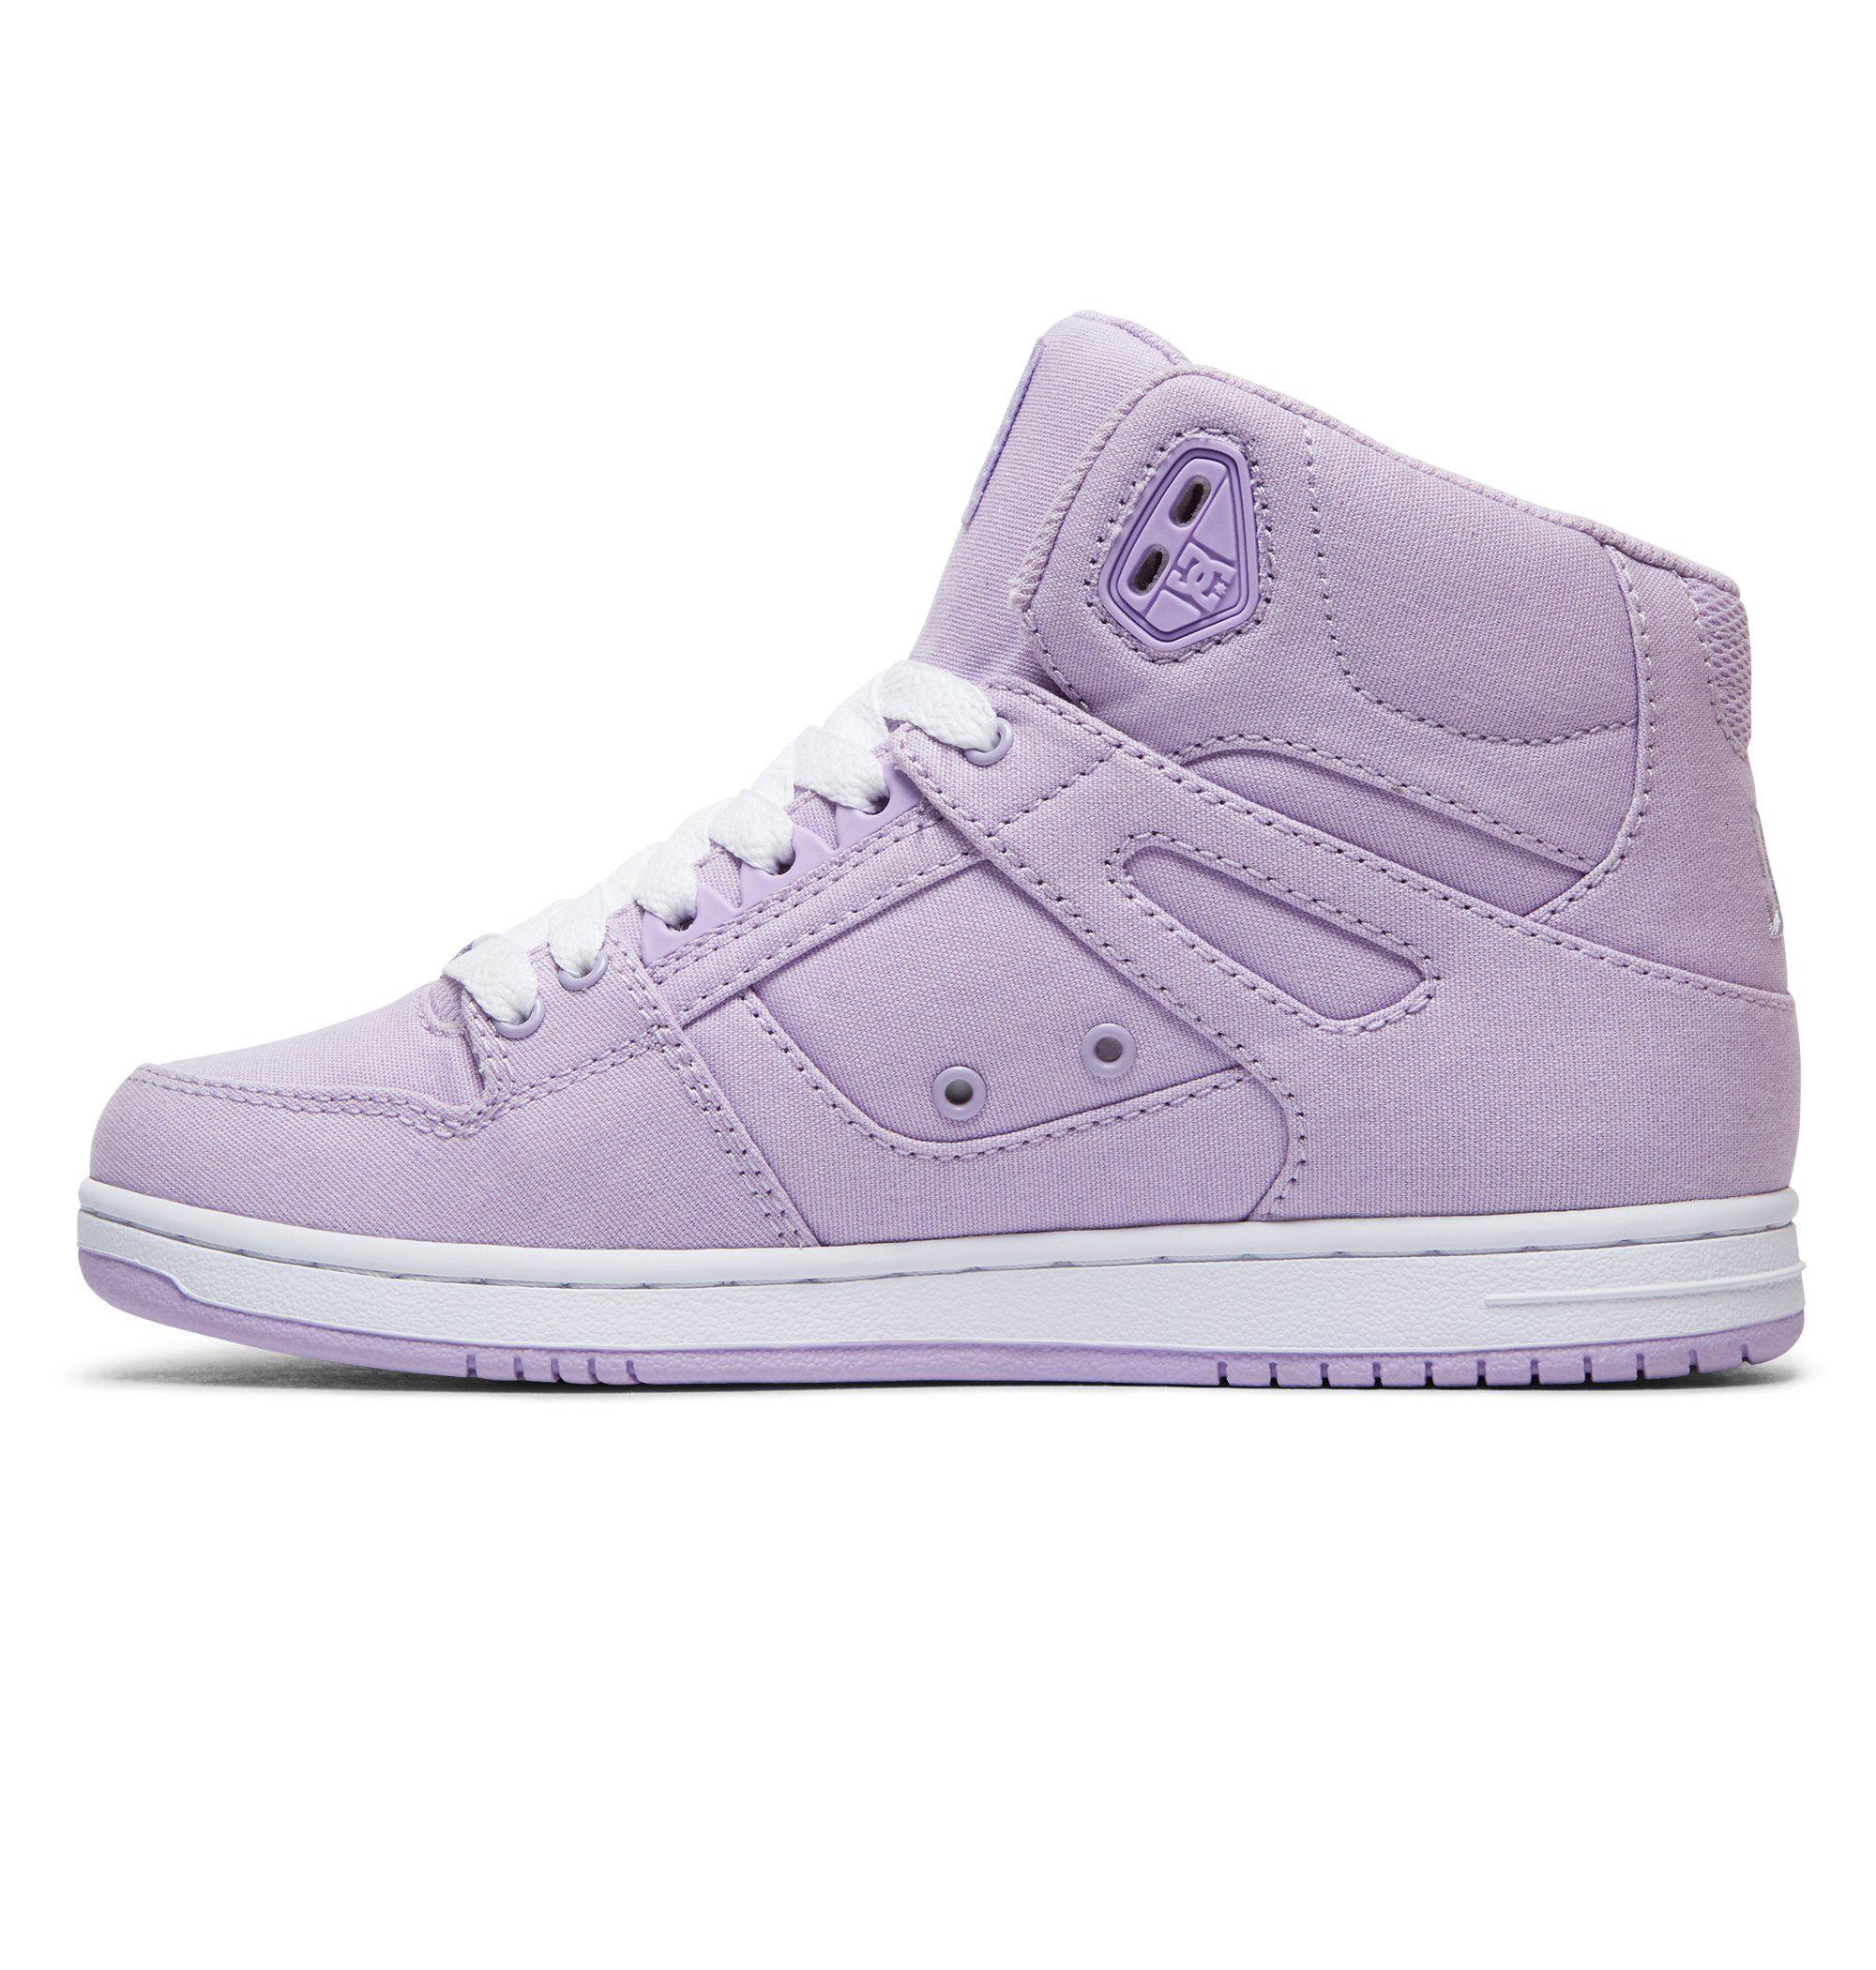 Chaussures Violettes Dc Chaussures Pures Dans La Taille 37 Pour Les Femmes FE1F1